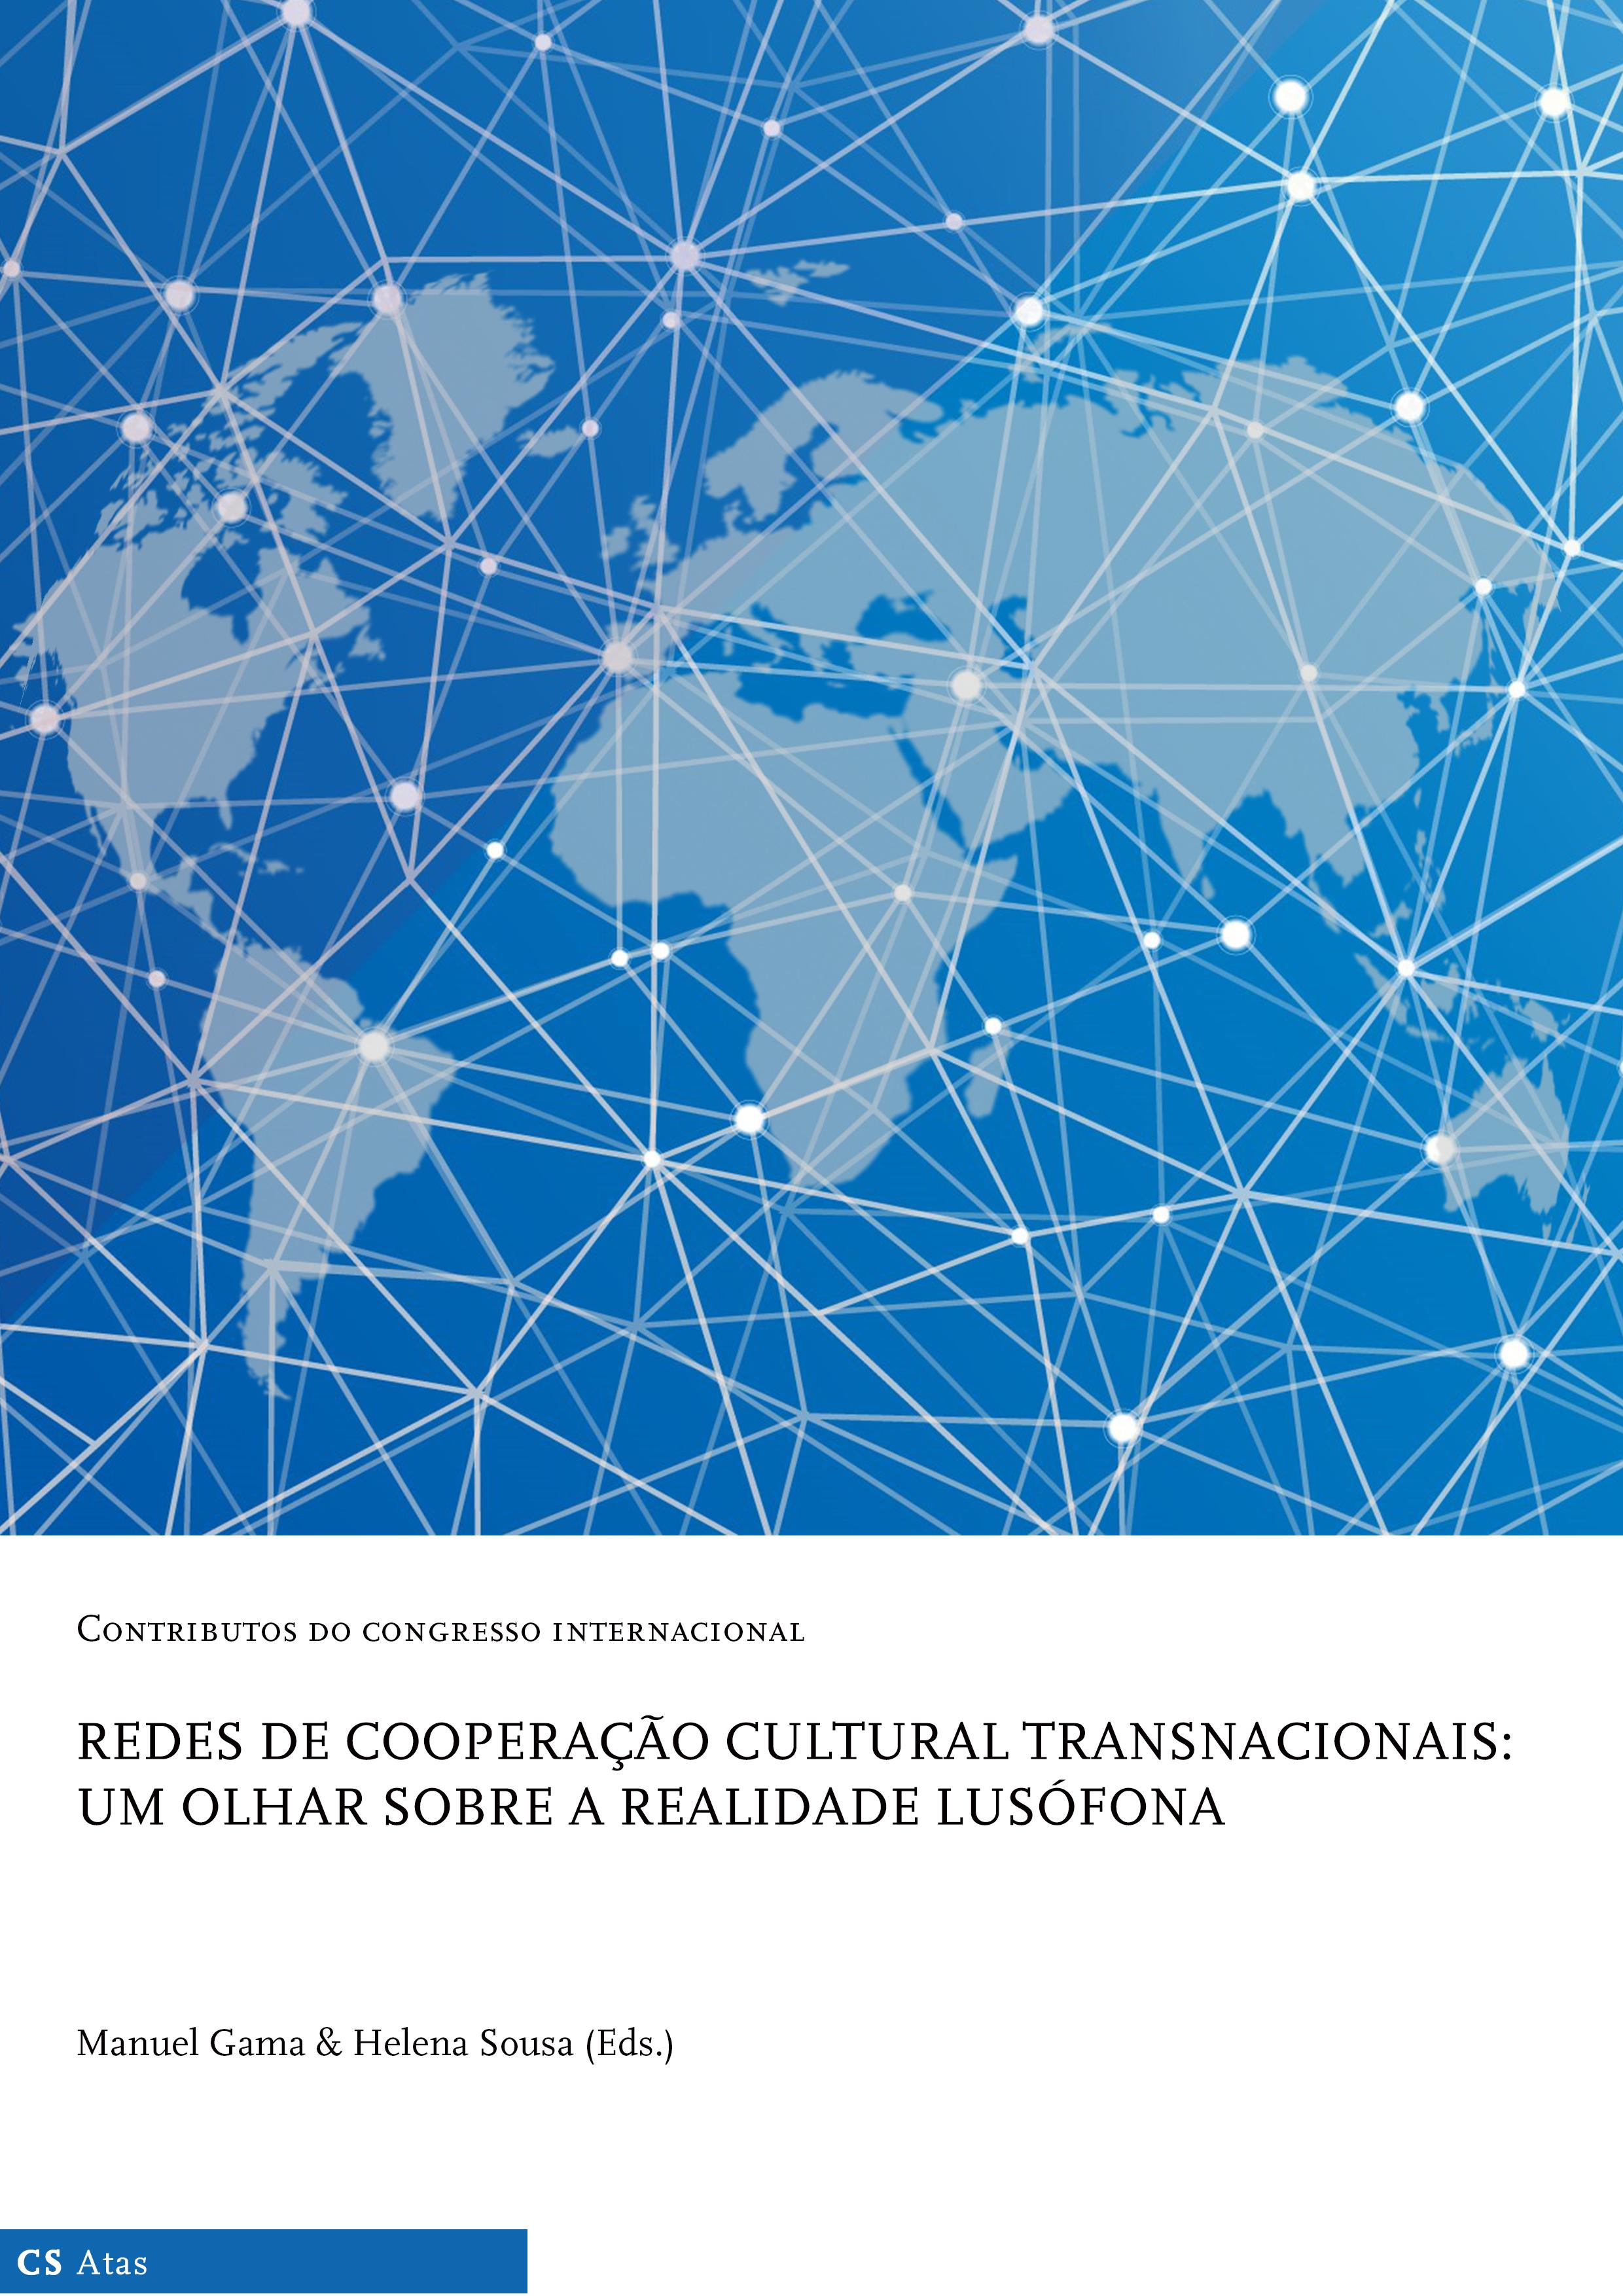 """Contributos do Congresso Internacional """"Redes de Cooperação Cultural Transnacionais: Um olhar sobre a realidade lusófona"""""""